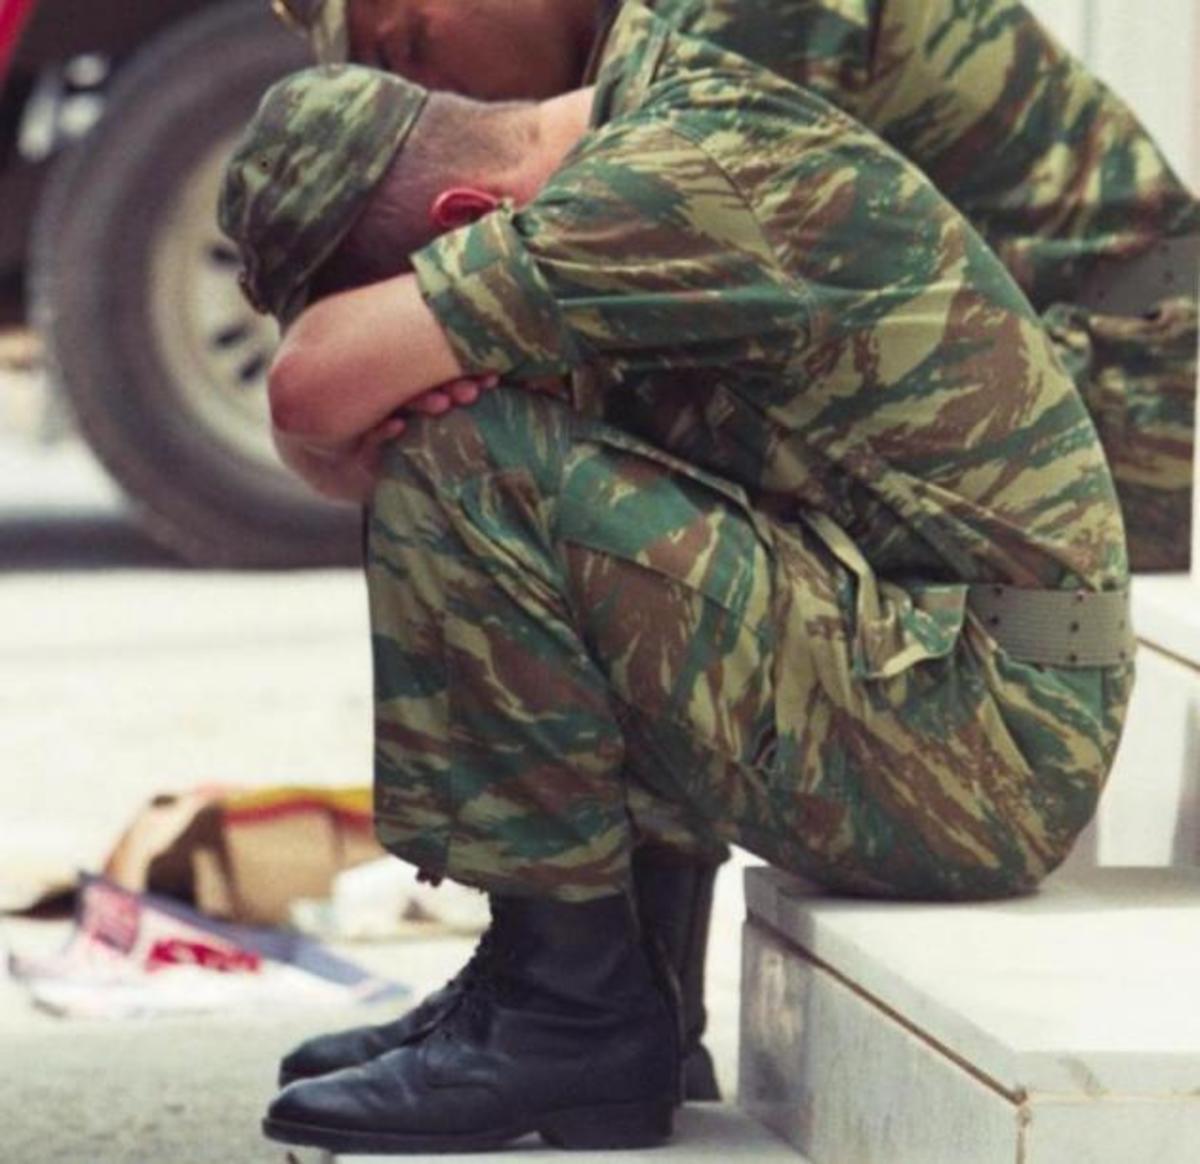 Θητεία της φτώχειας!Οικογένειες δεν μπορούν να συντηρήσουν τους στρατιώτες τους! | Newsit.gr